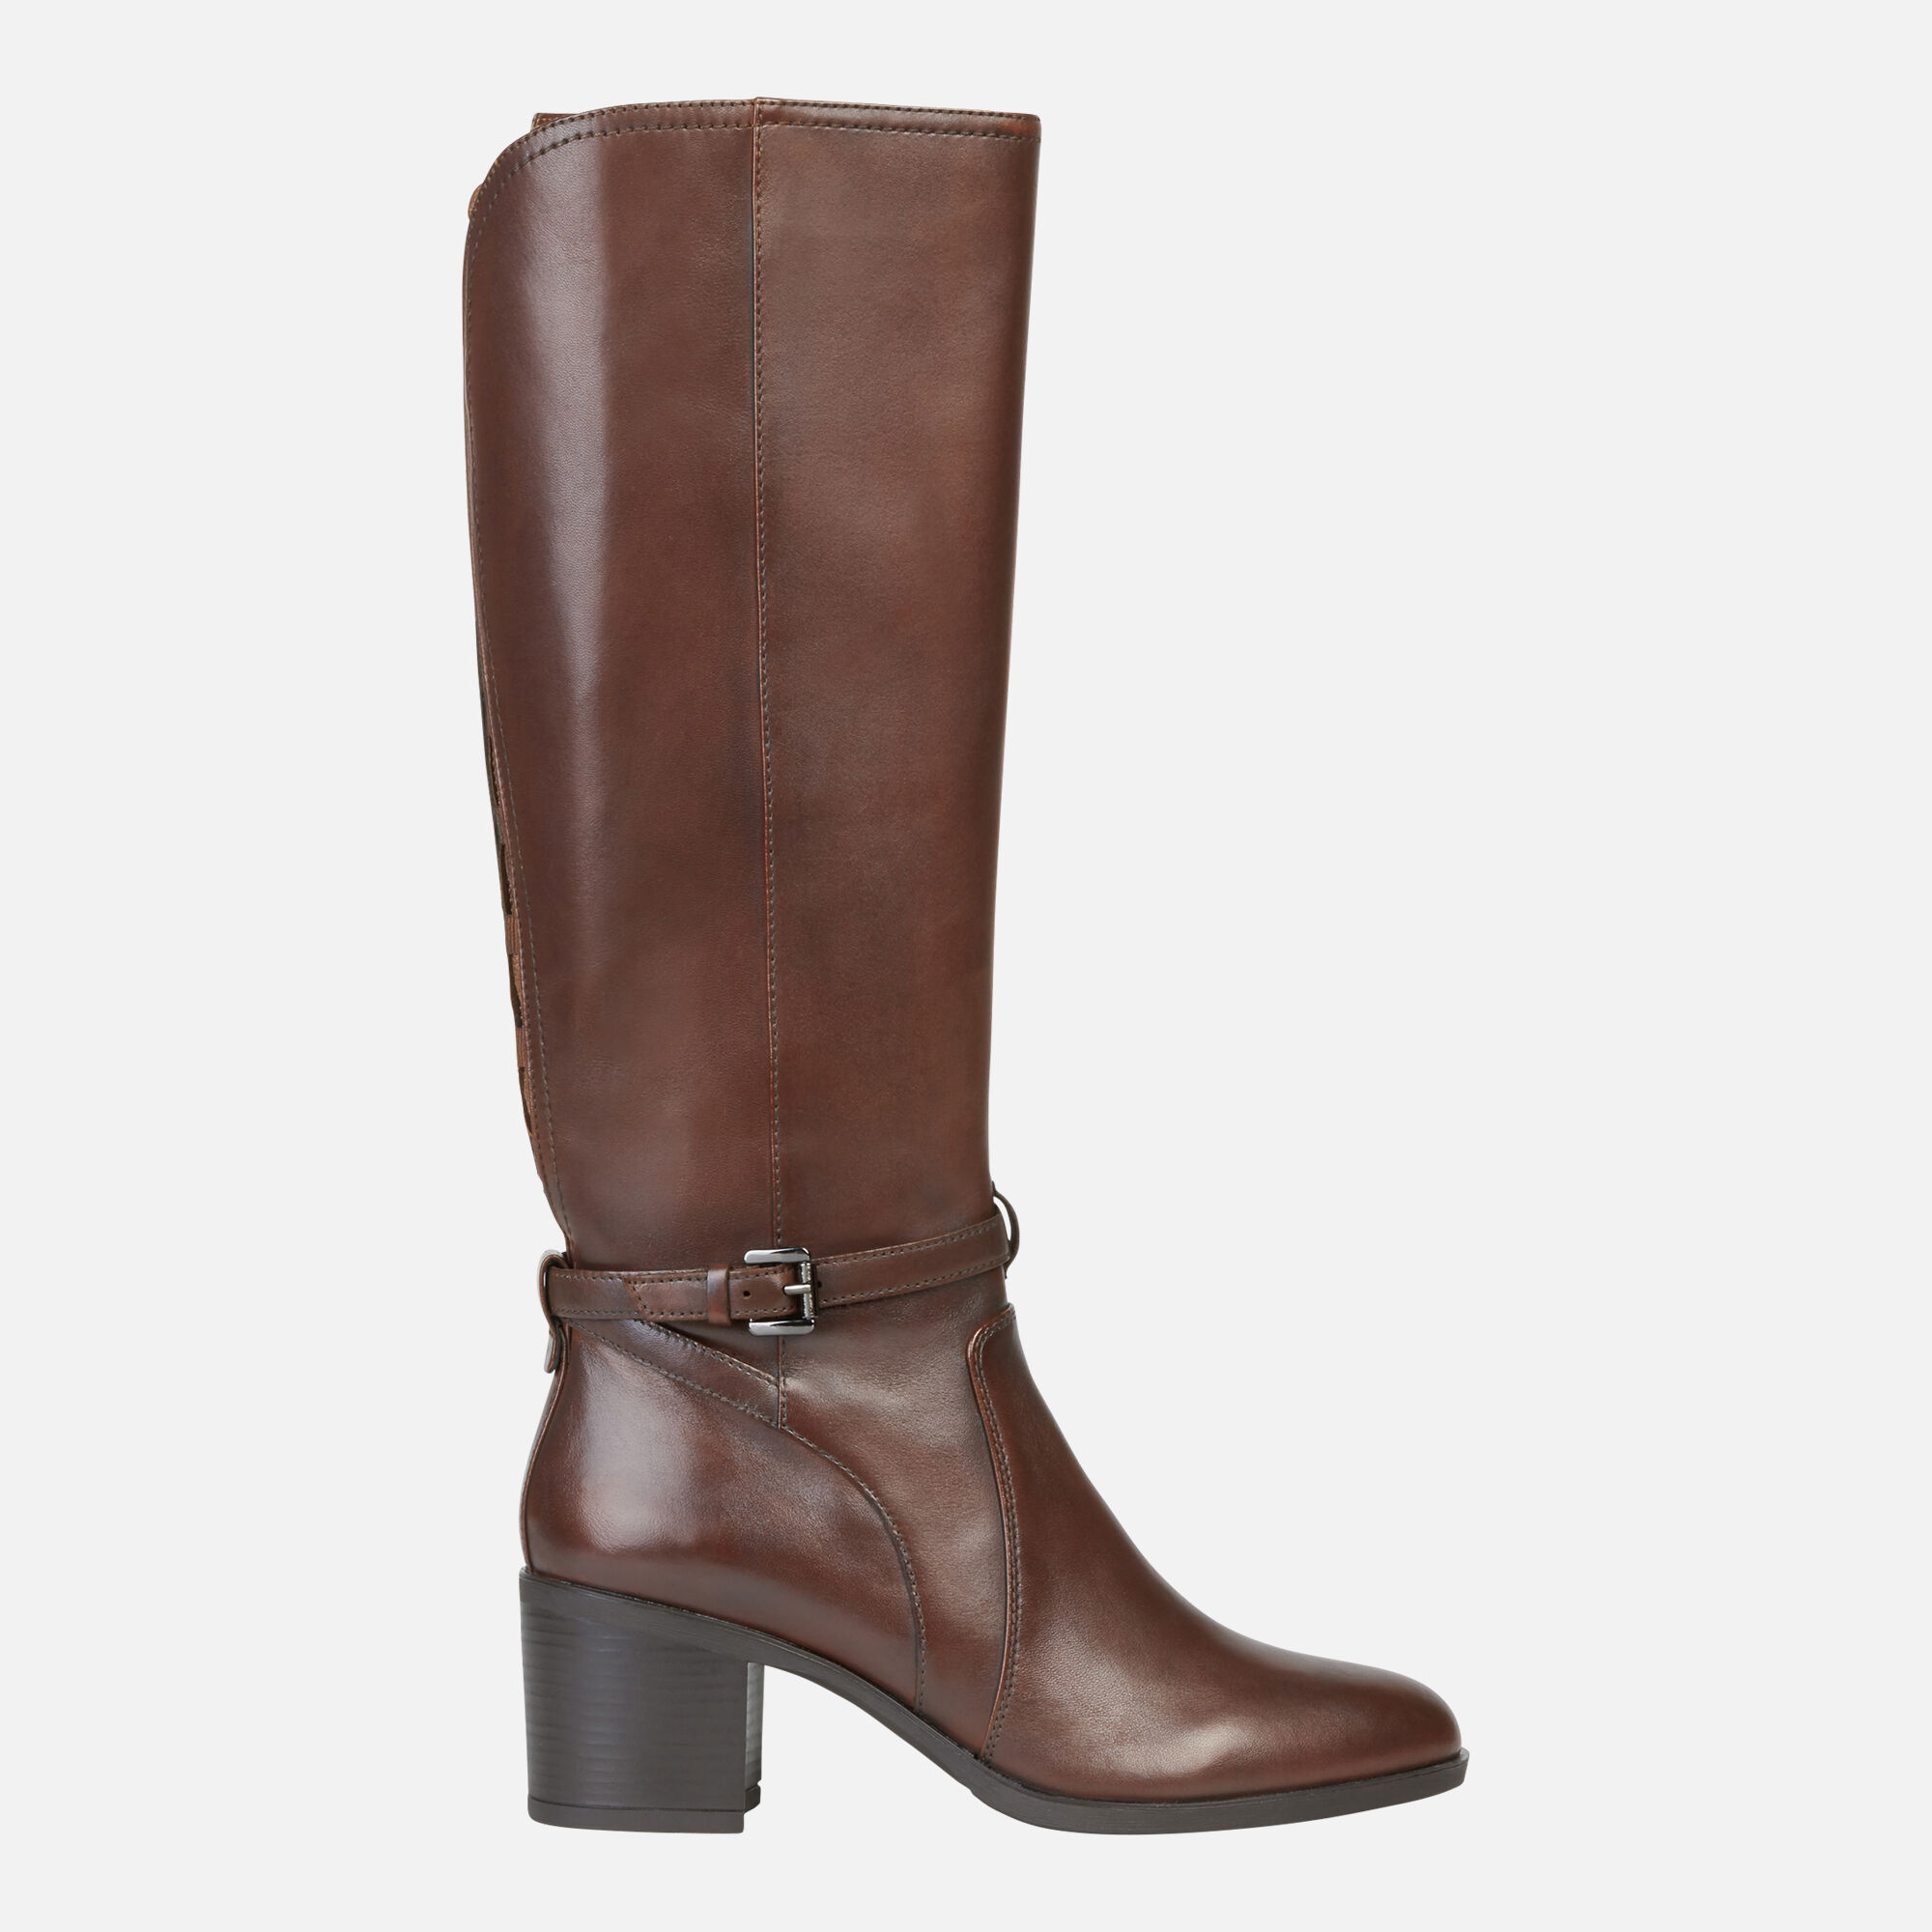 Geox GLYNNA Frau: braune High Heel Stiefeln | Geox ®